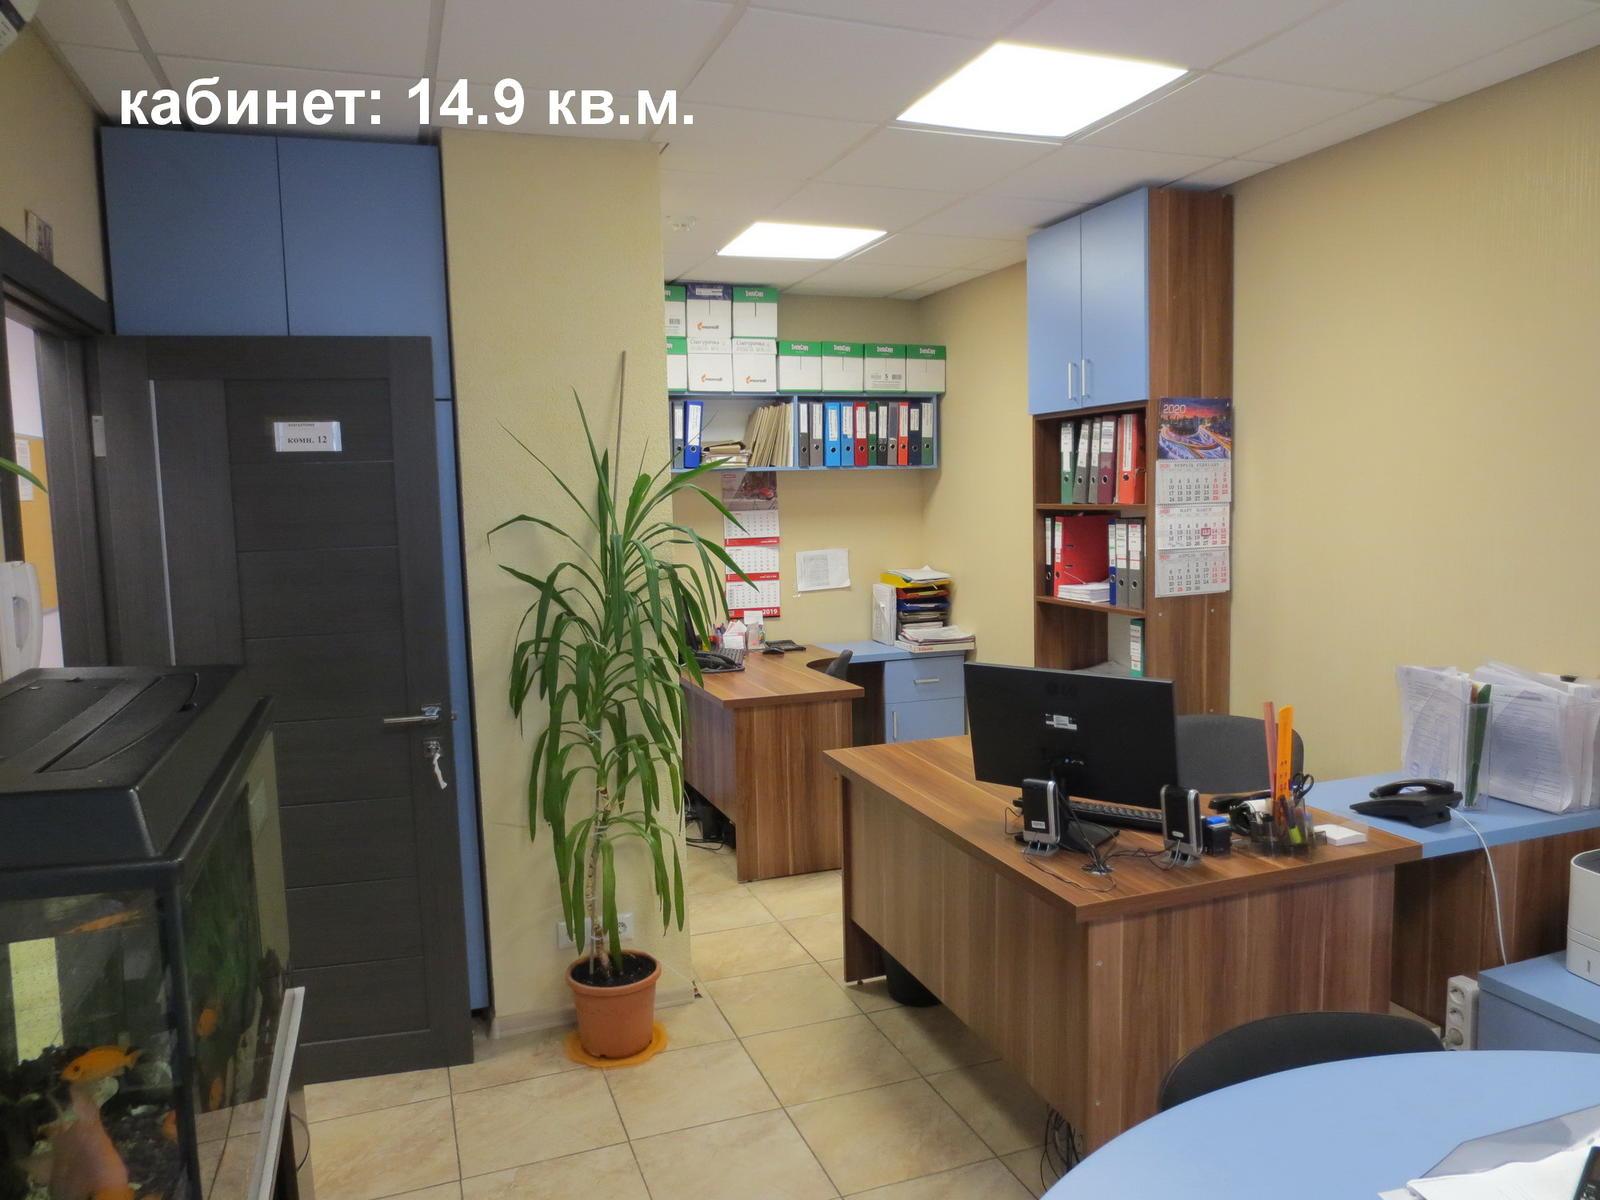 Продажа торгового помещения на ул. Одоевского, д. 115/А в Минске - фото 6